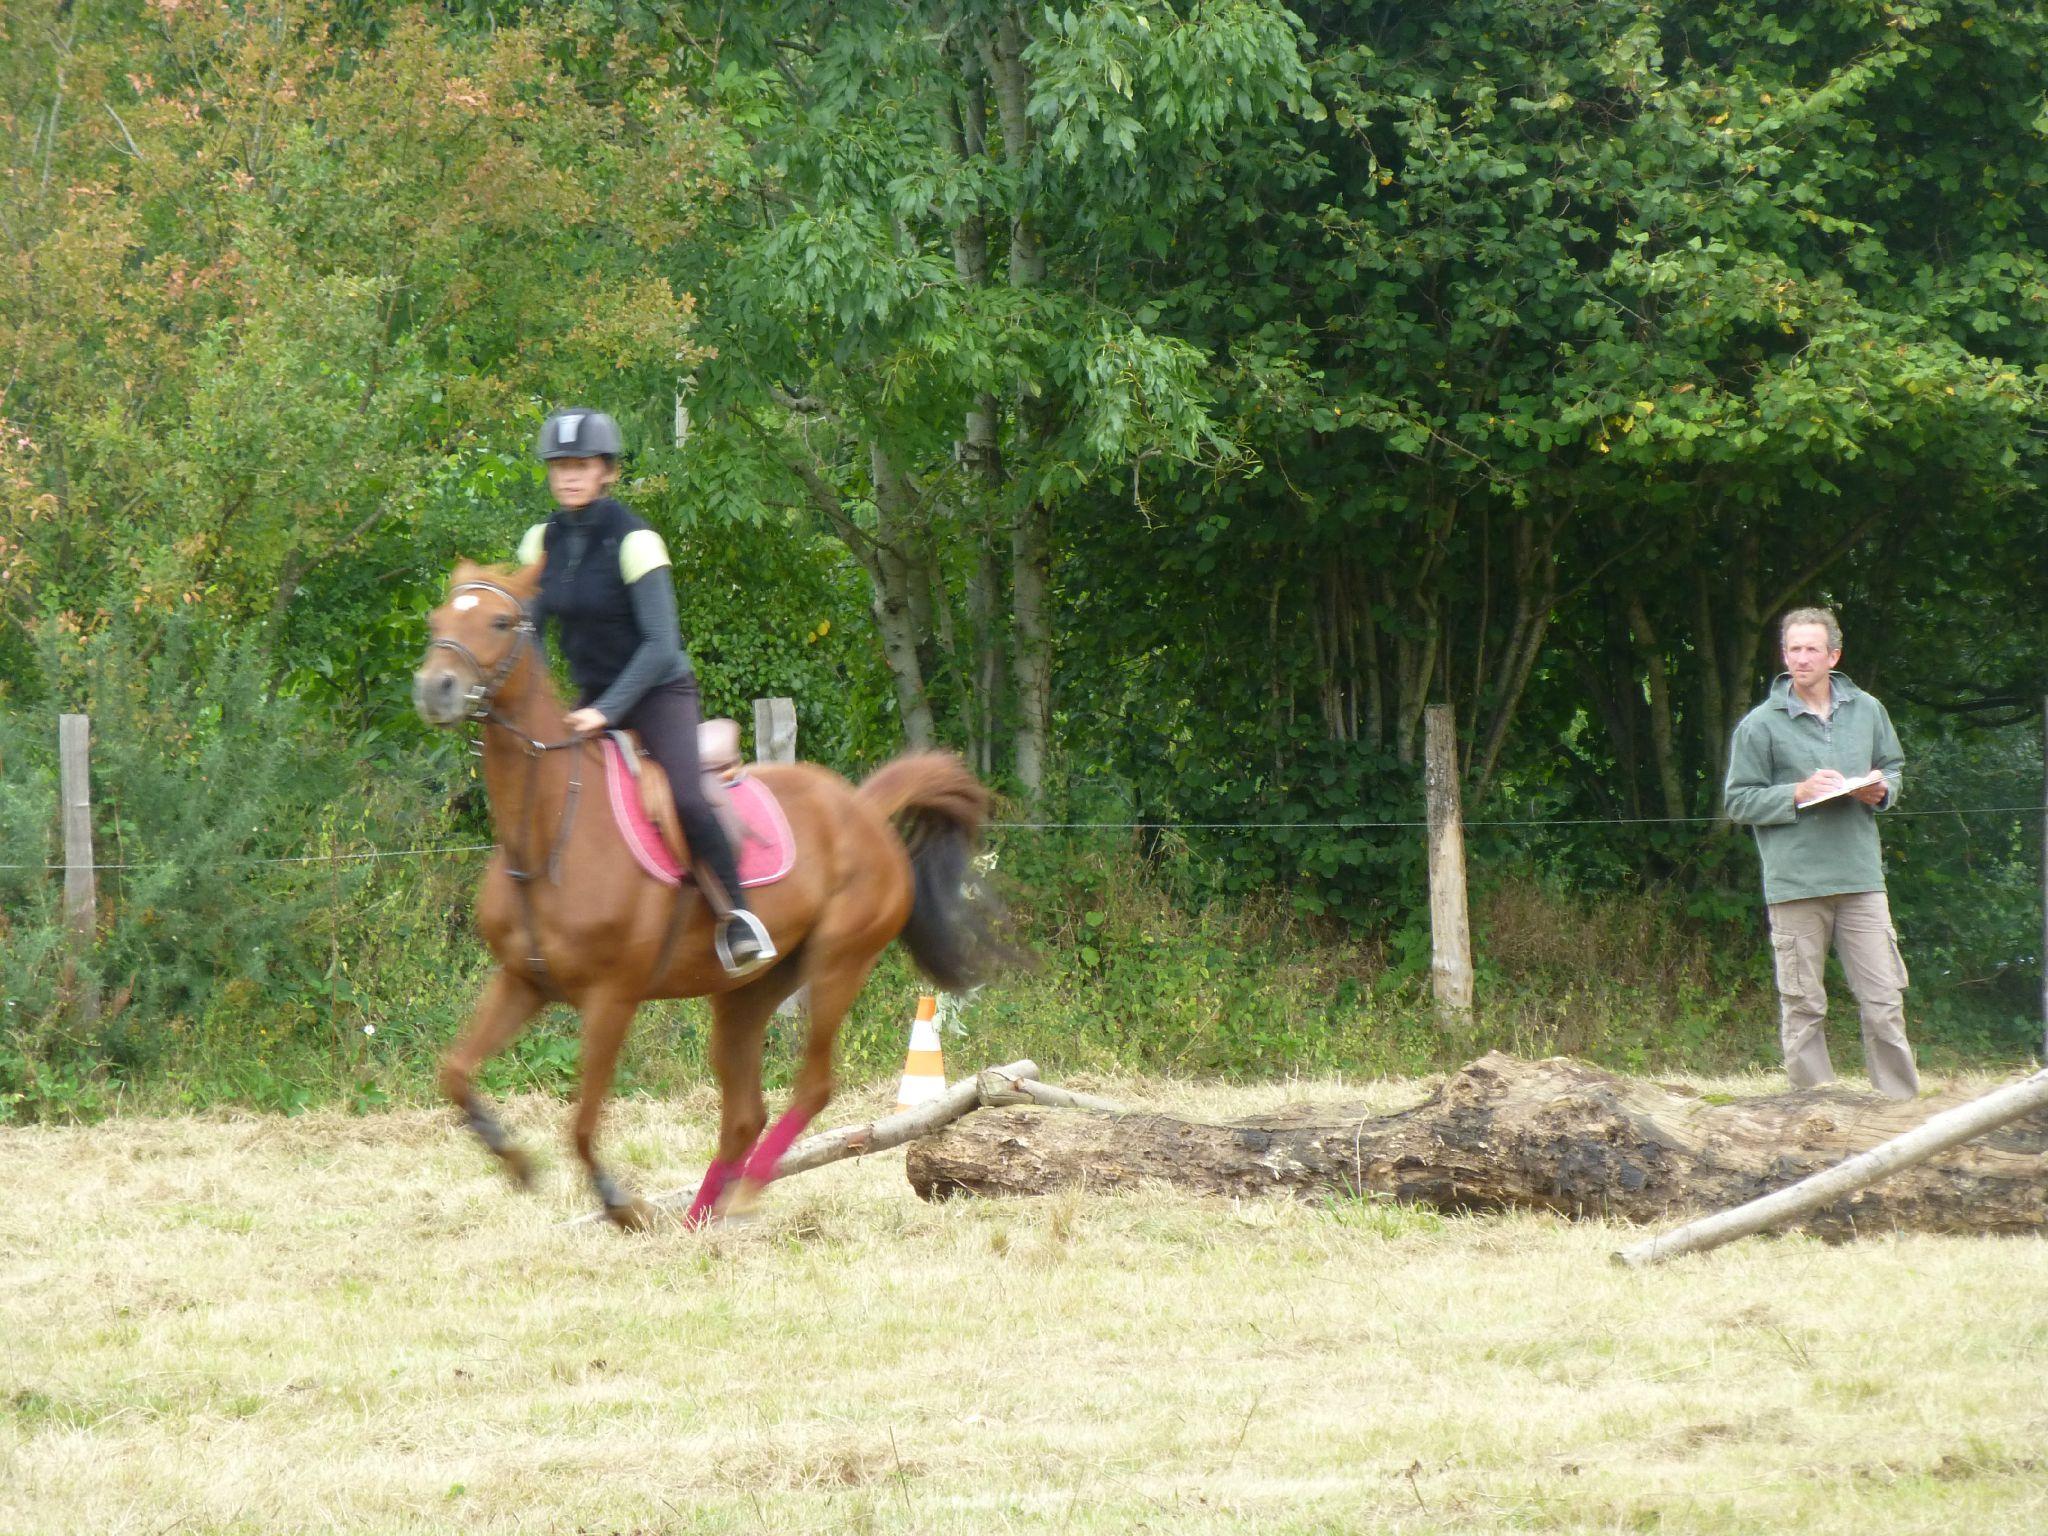 Jeux équestres manchots - parcours de pleine nature après-midi (142)